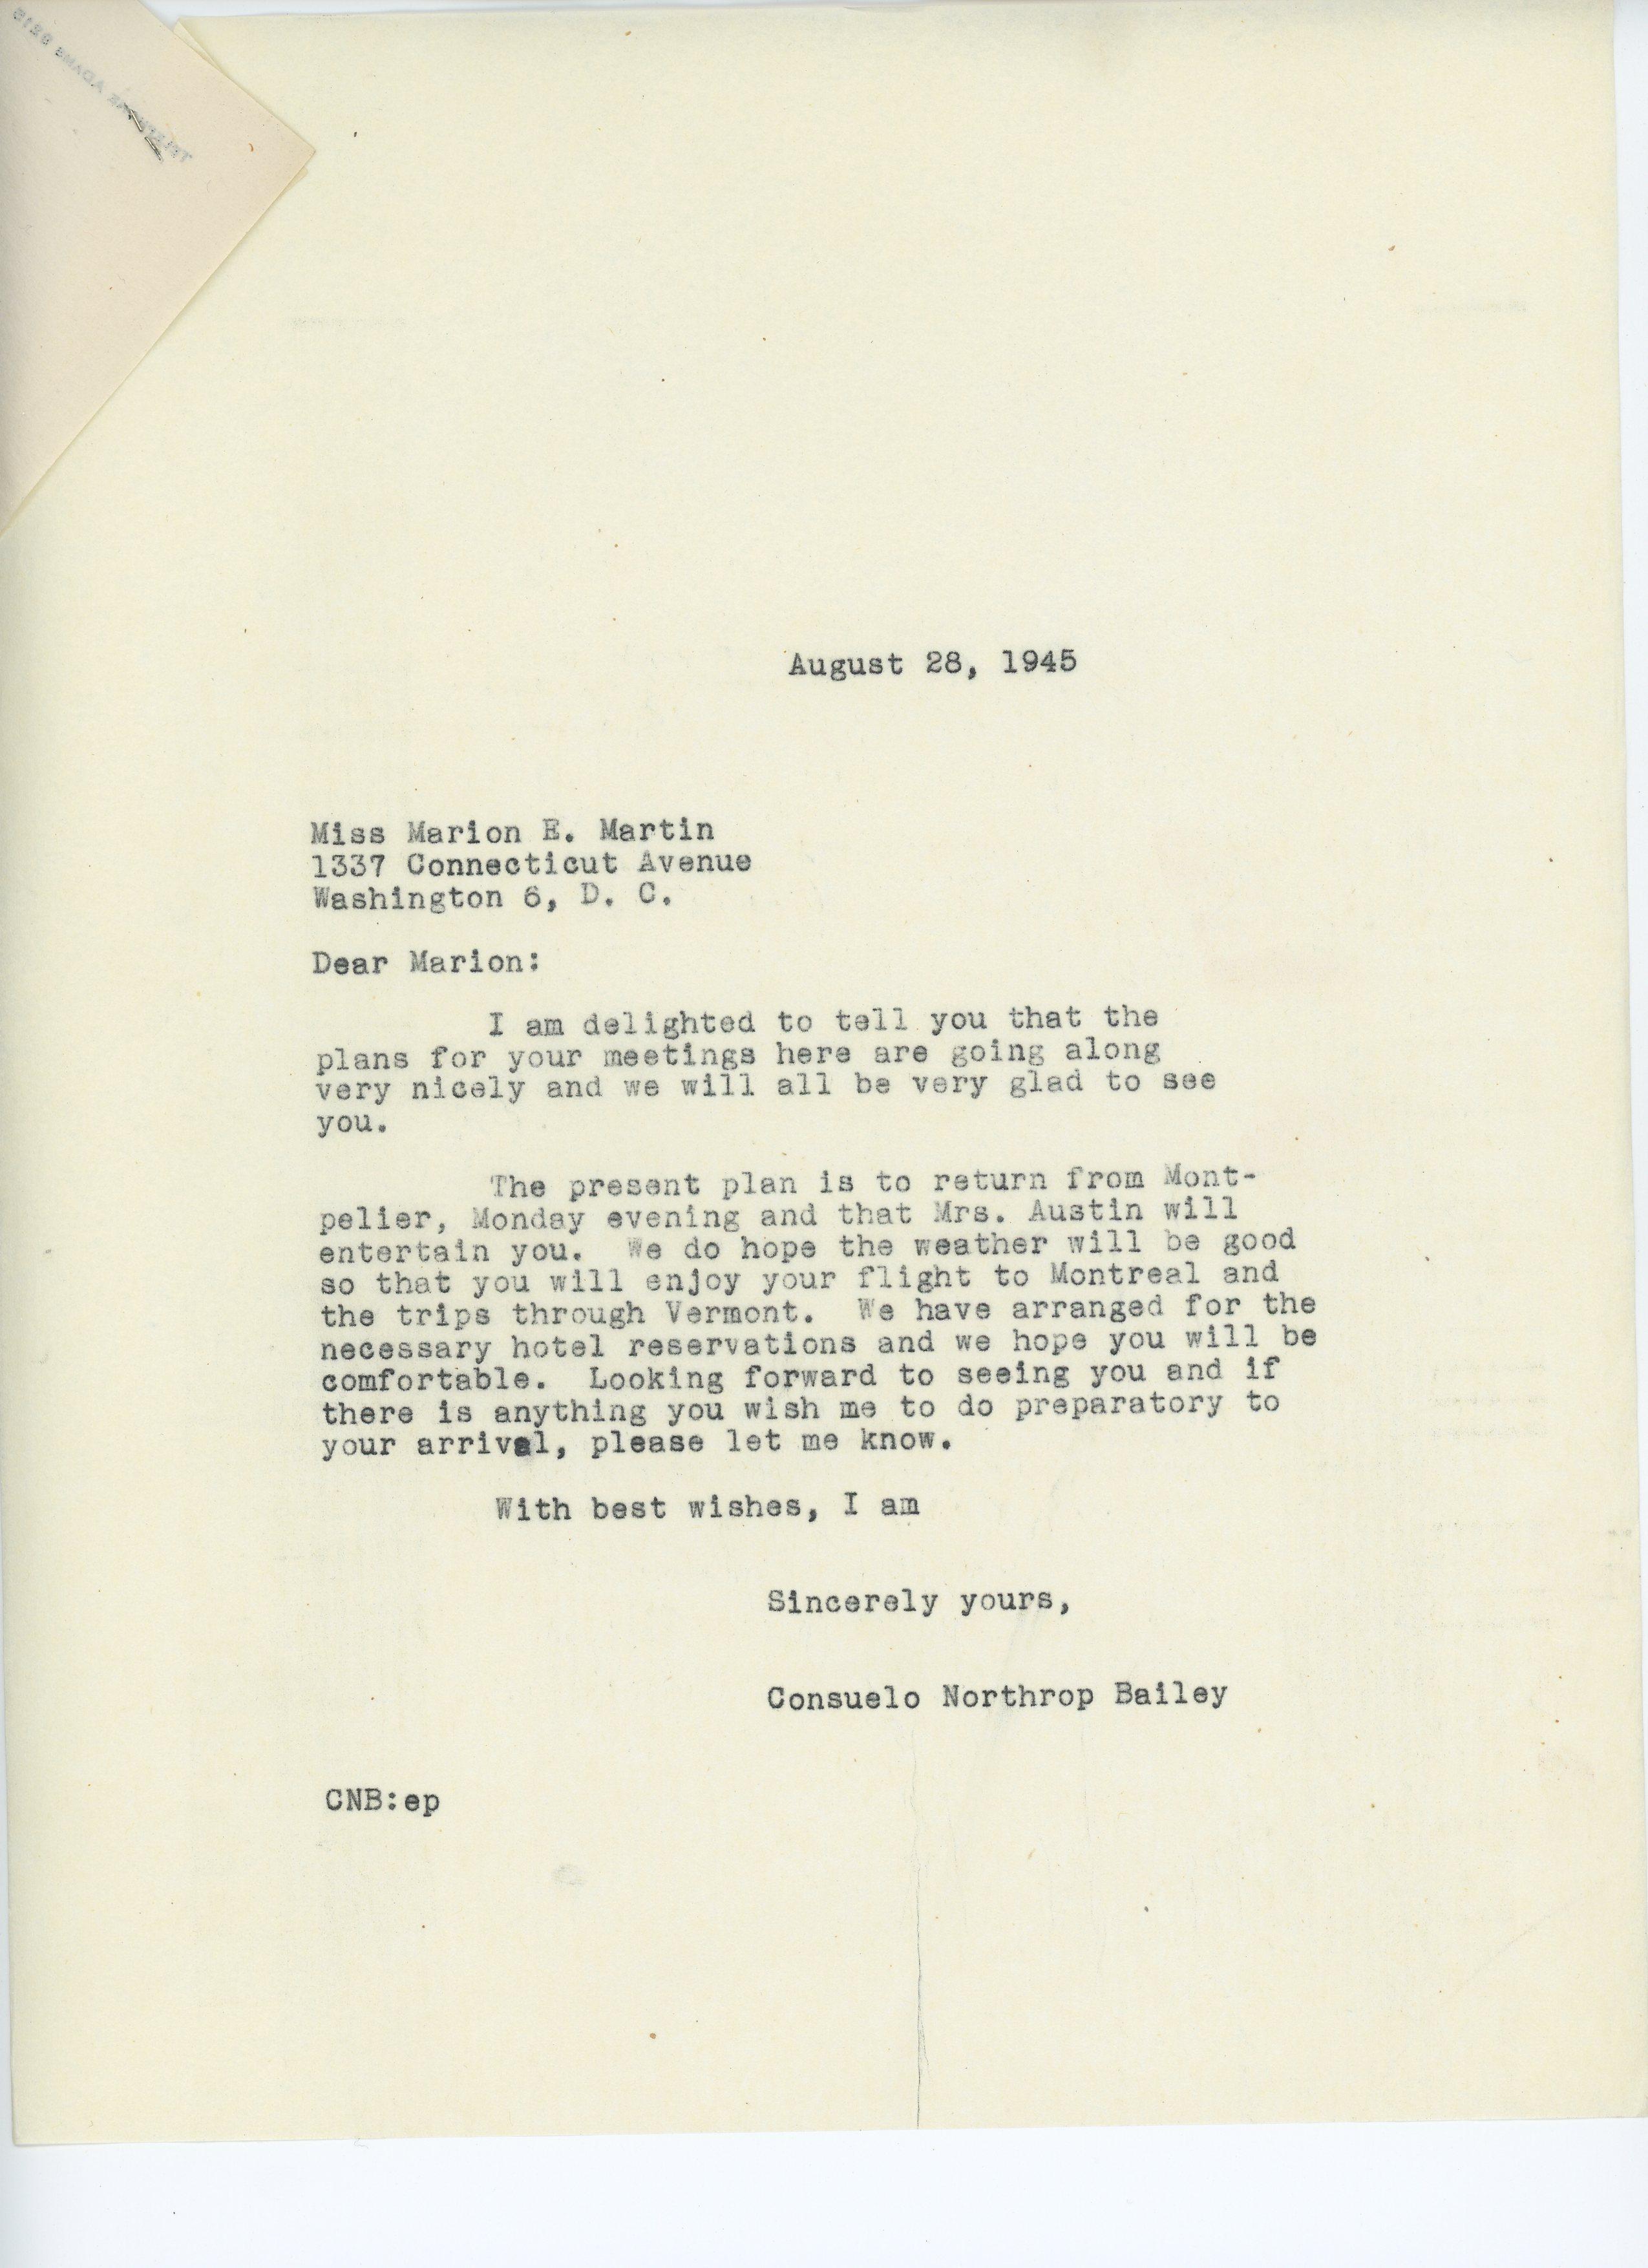 Consuelo Northrop Bailey to Marion E. Martin 1945 August 28